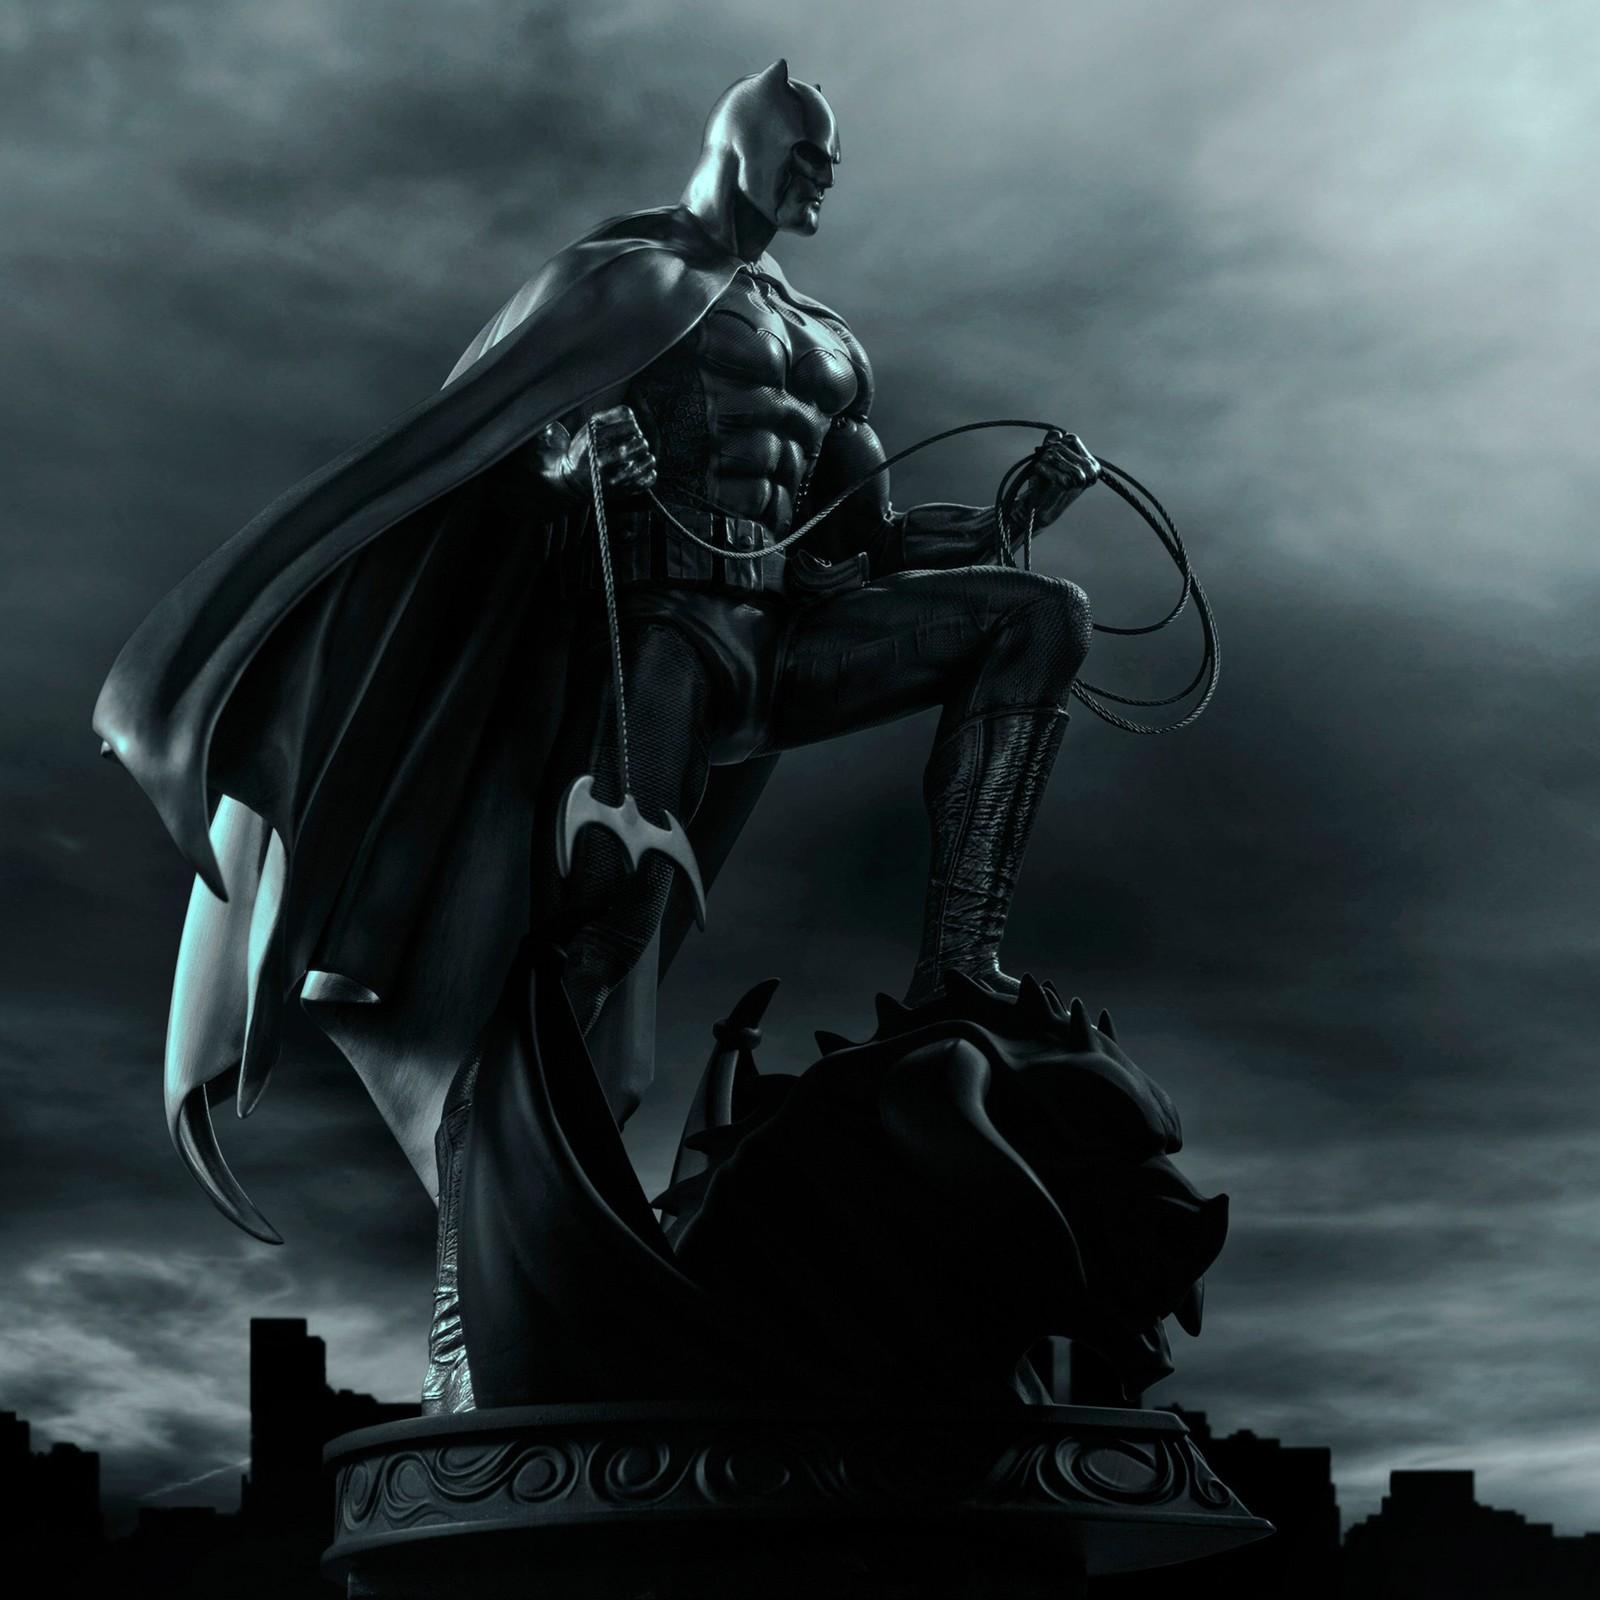 Batman In Pewter